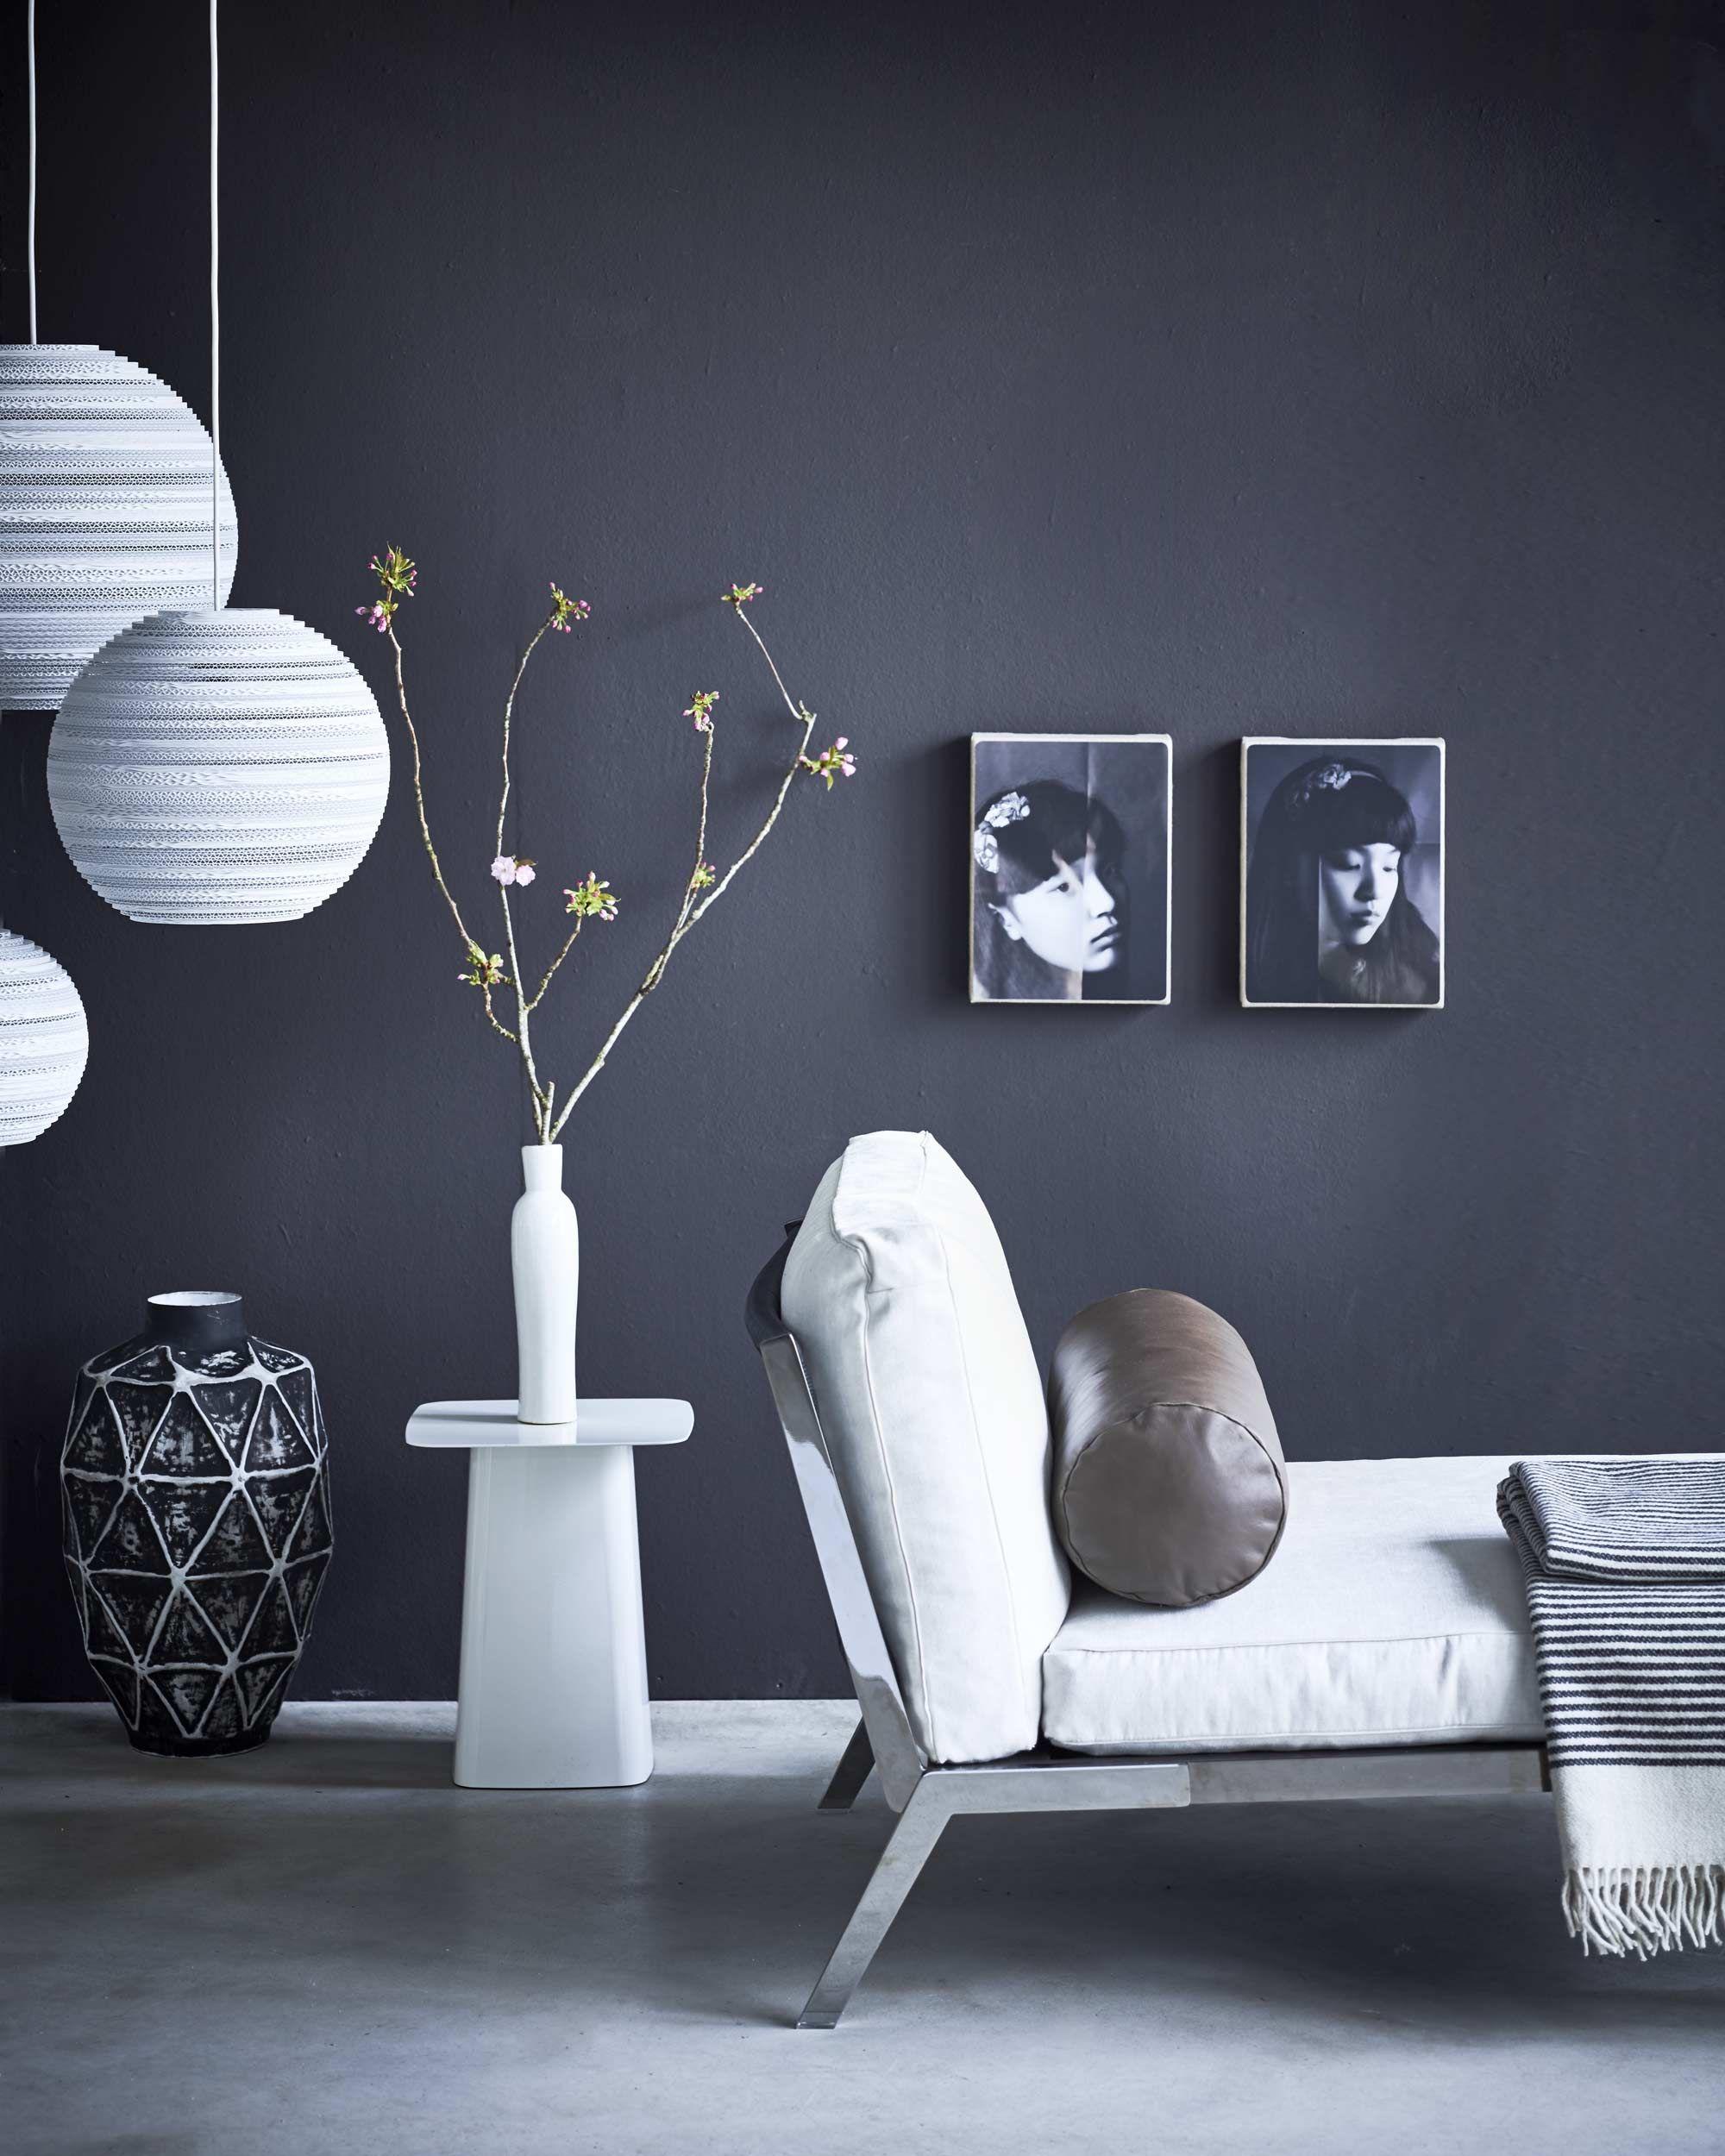 Woonkamer Japanse stijl | Japanese style livingroom | vtwonen 05 ...